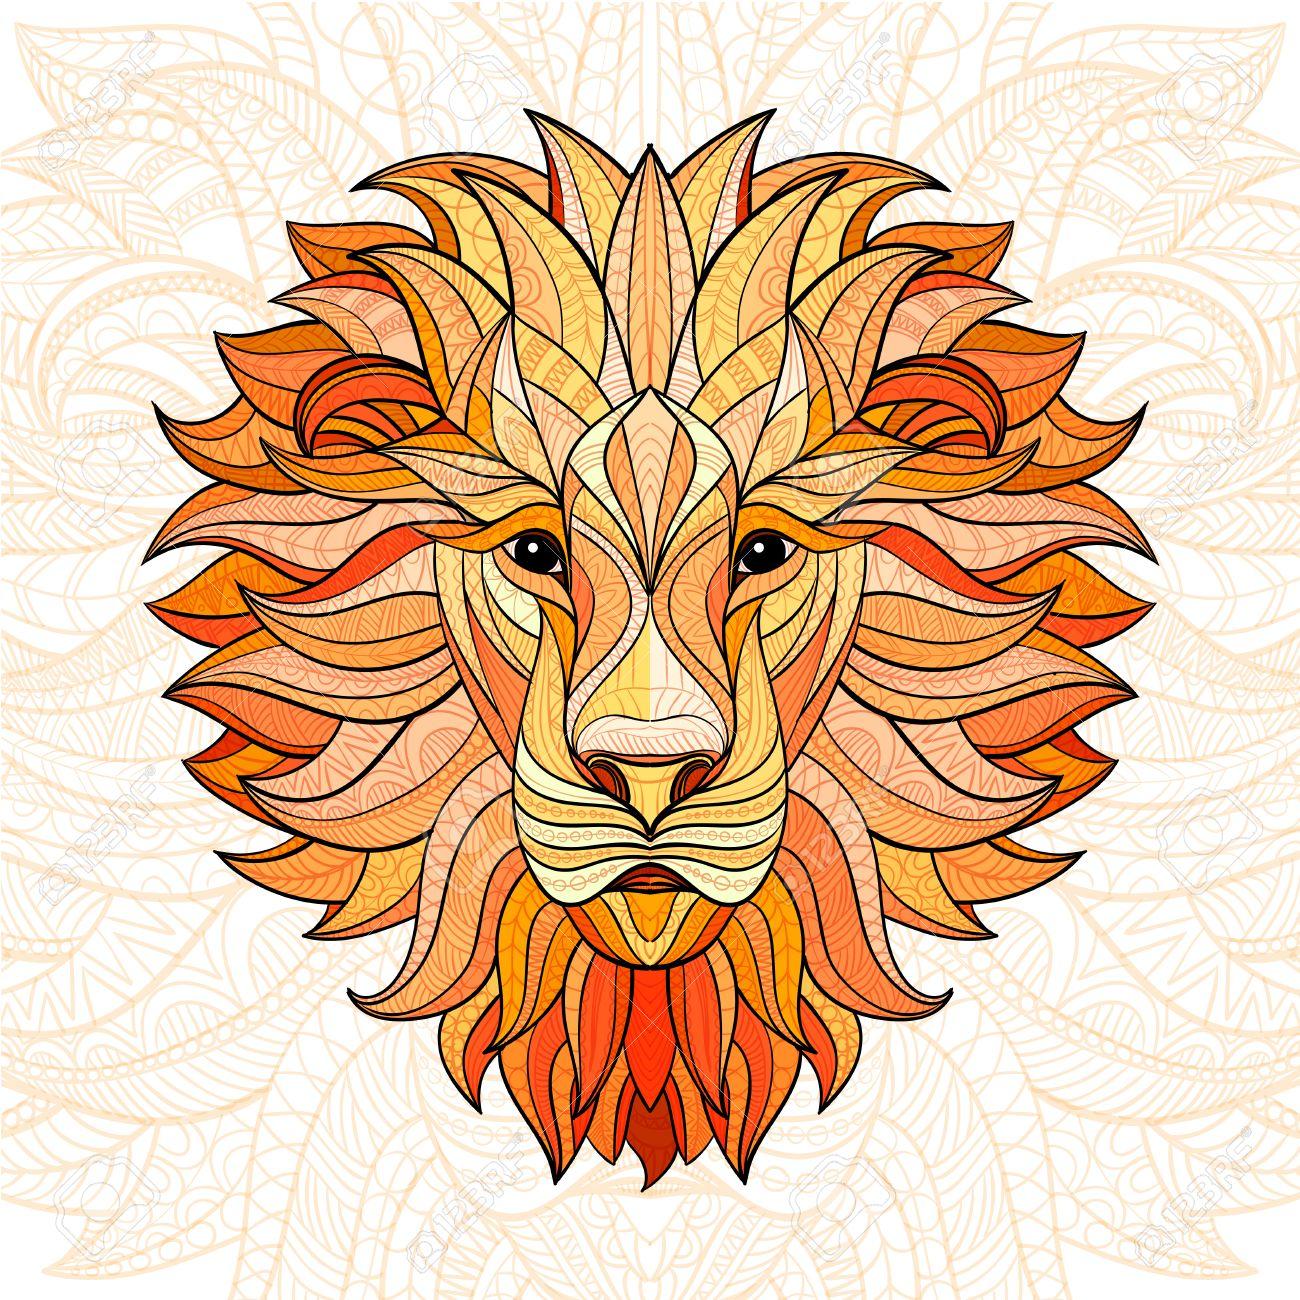 Lion Couleur Detaillee Dans Le Style Azteque Tete Modelee Du Lion Sur Fond Isole Indien Conception Totem De Tatouage Africain Vector Illustration Clip Art Libres De Droits Vecteurs Et Illustration Image 60990401